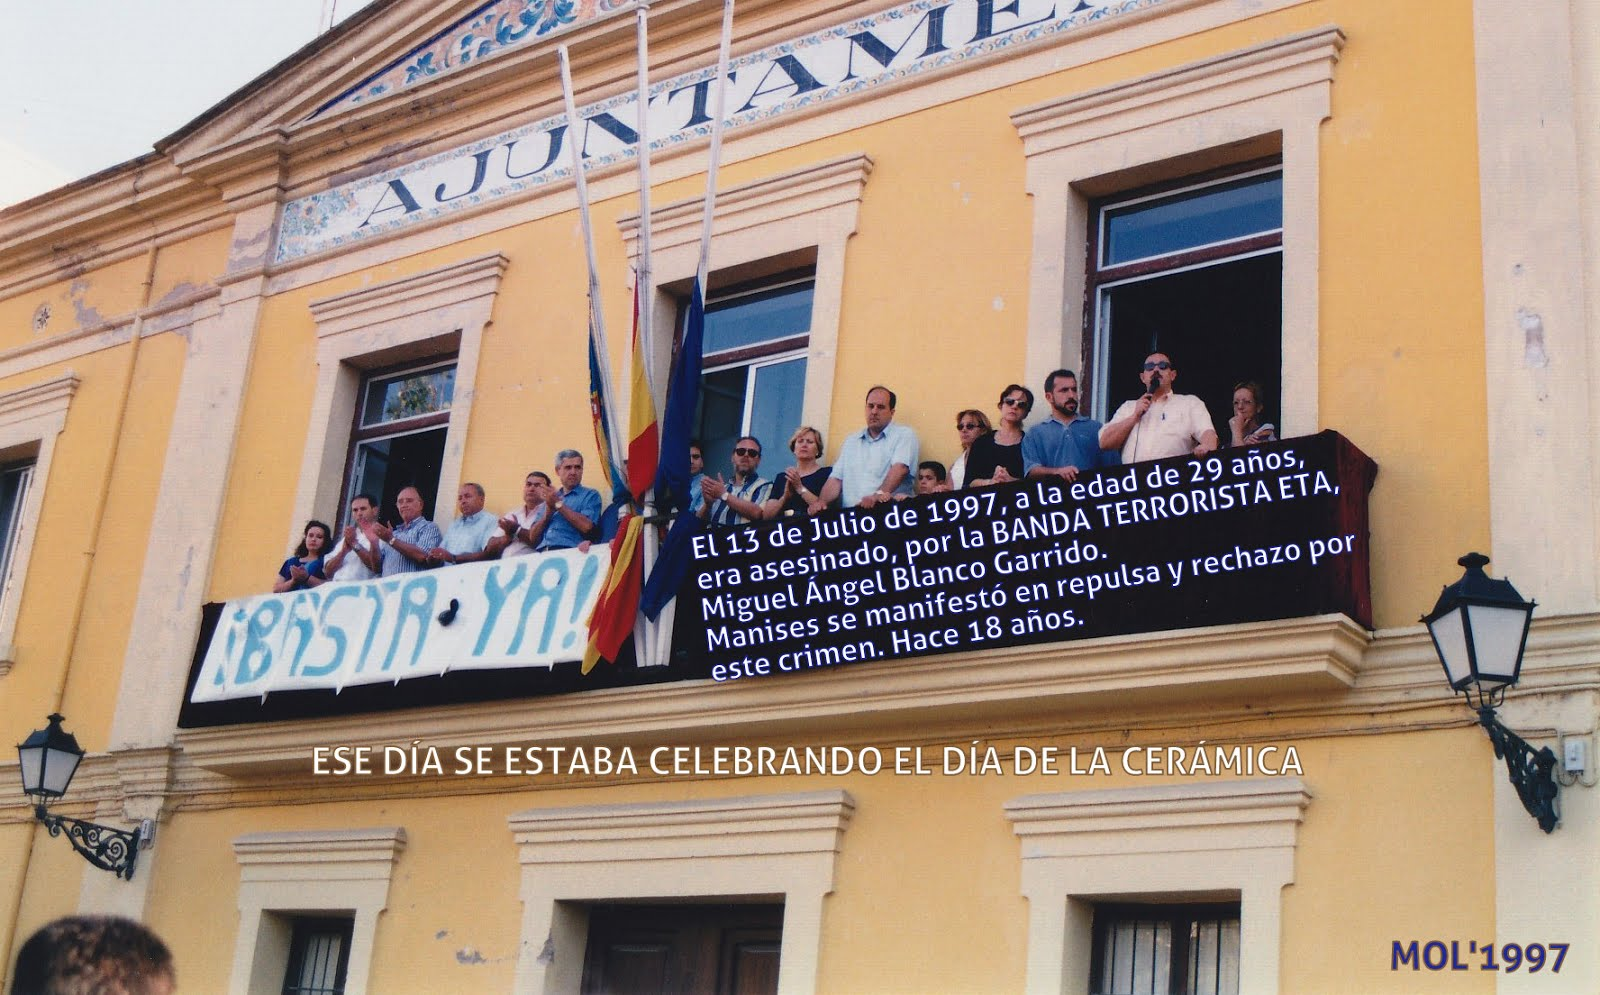 13.07.15 HACE 18 AÑOS DEL ASESINATO DE MIGUEL ÁNGEL BLANCO